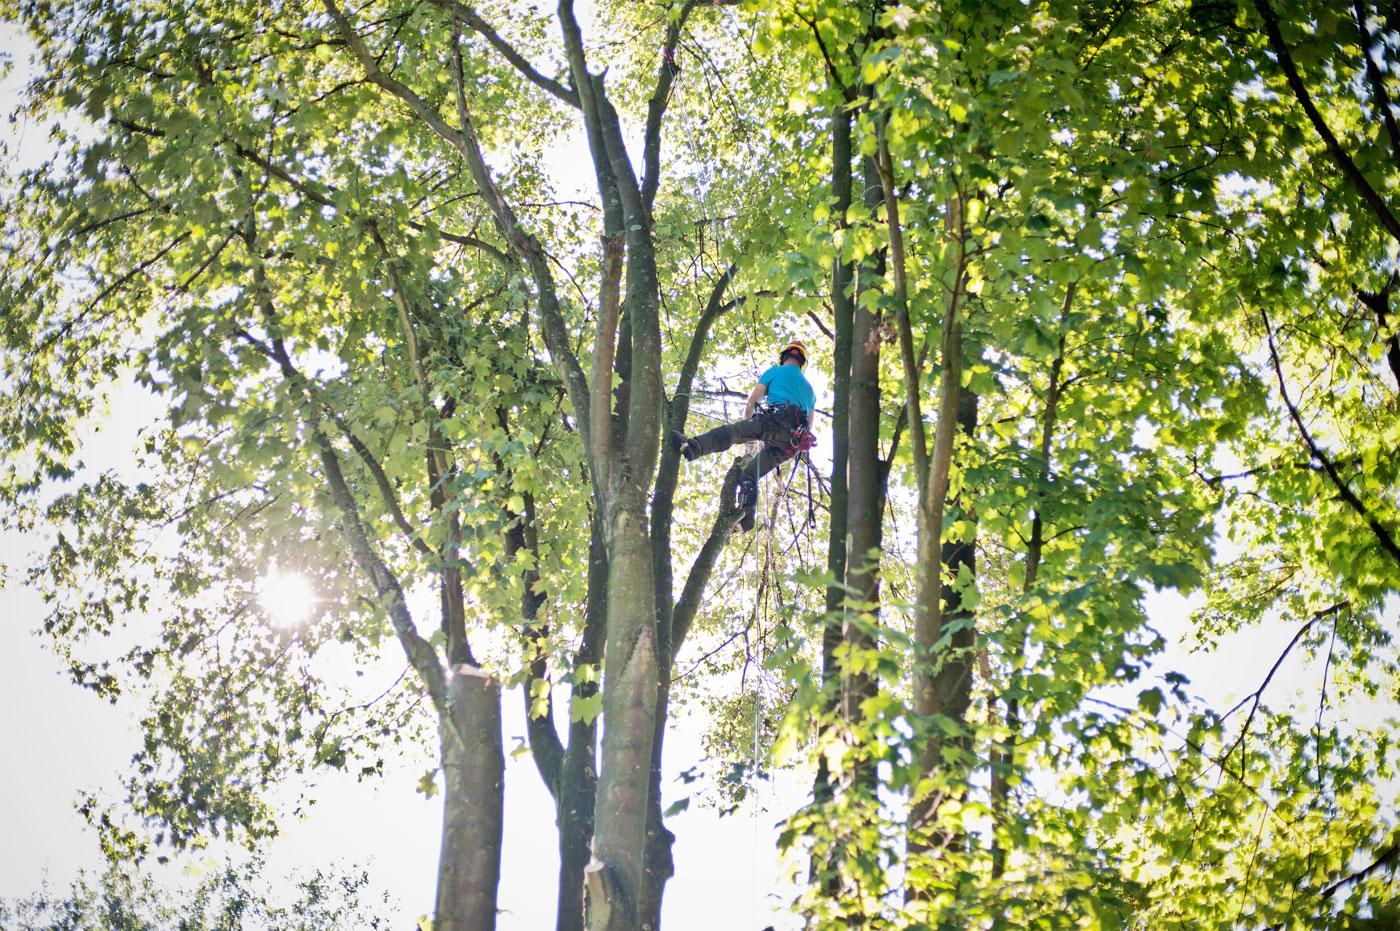 Kletterausrüstung Baum Fällen : Bis in die krone: ein fällbeispiel baumpfleger carsten breker kr one